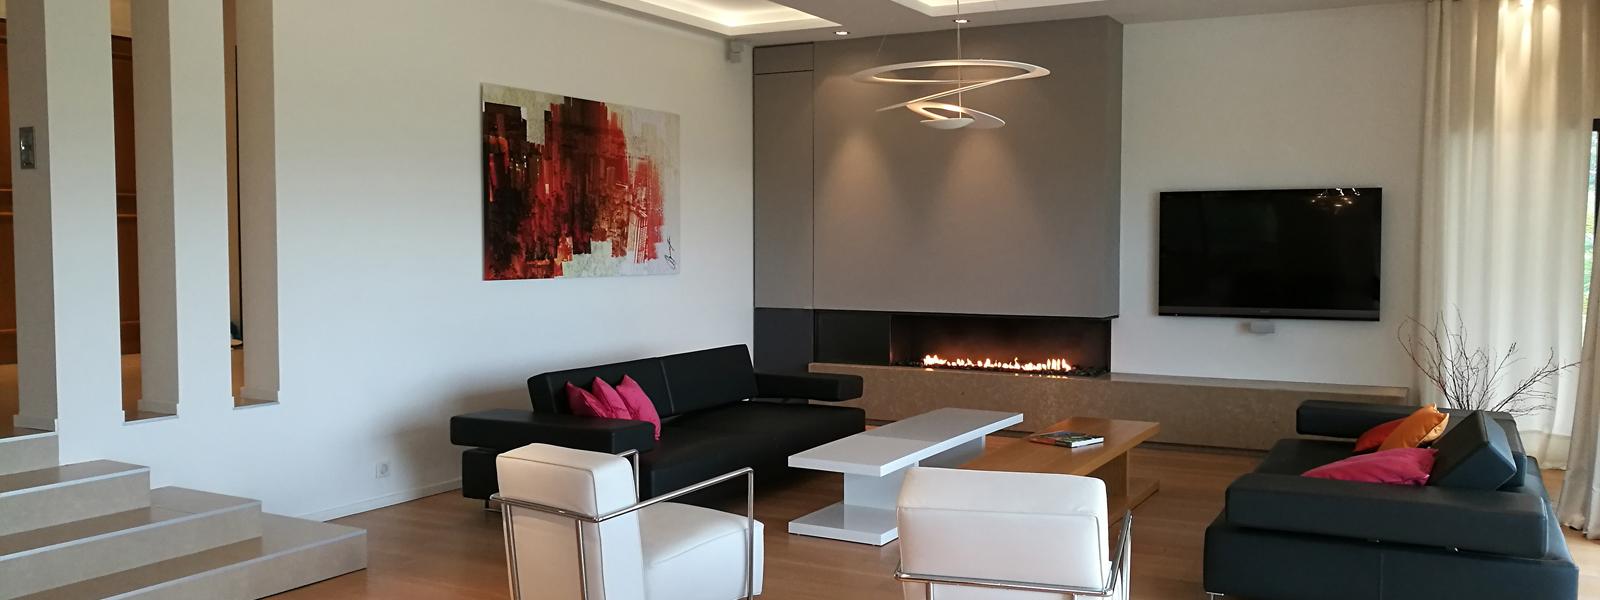 39galerie-immobilier - maison contemporaine